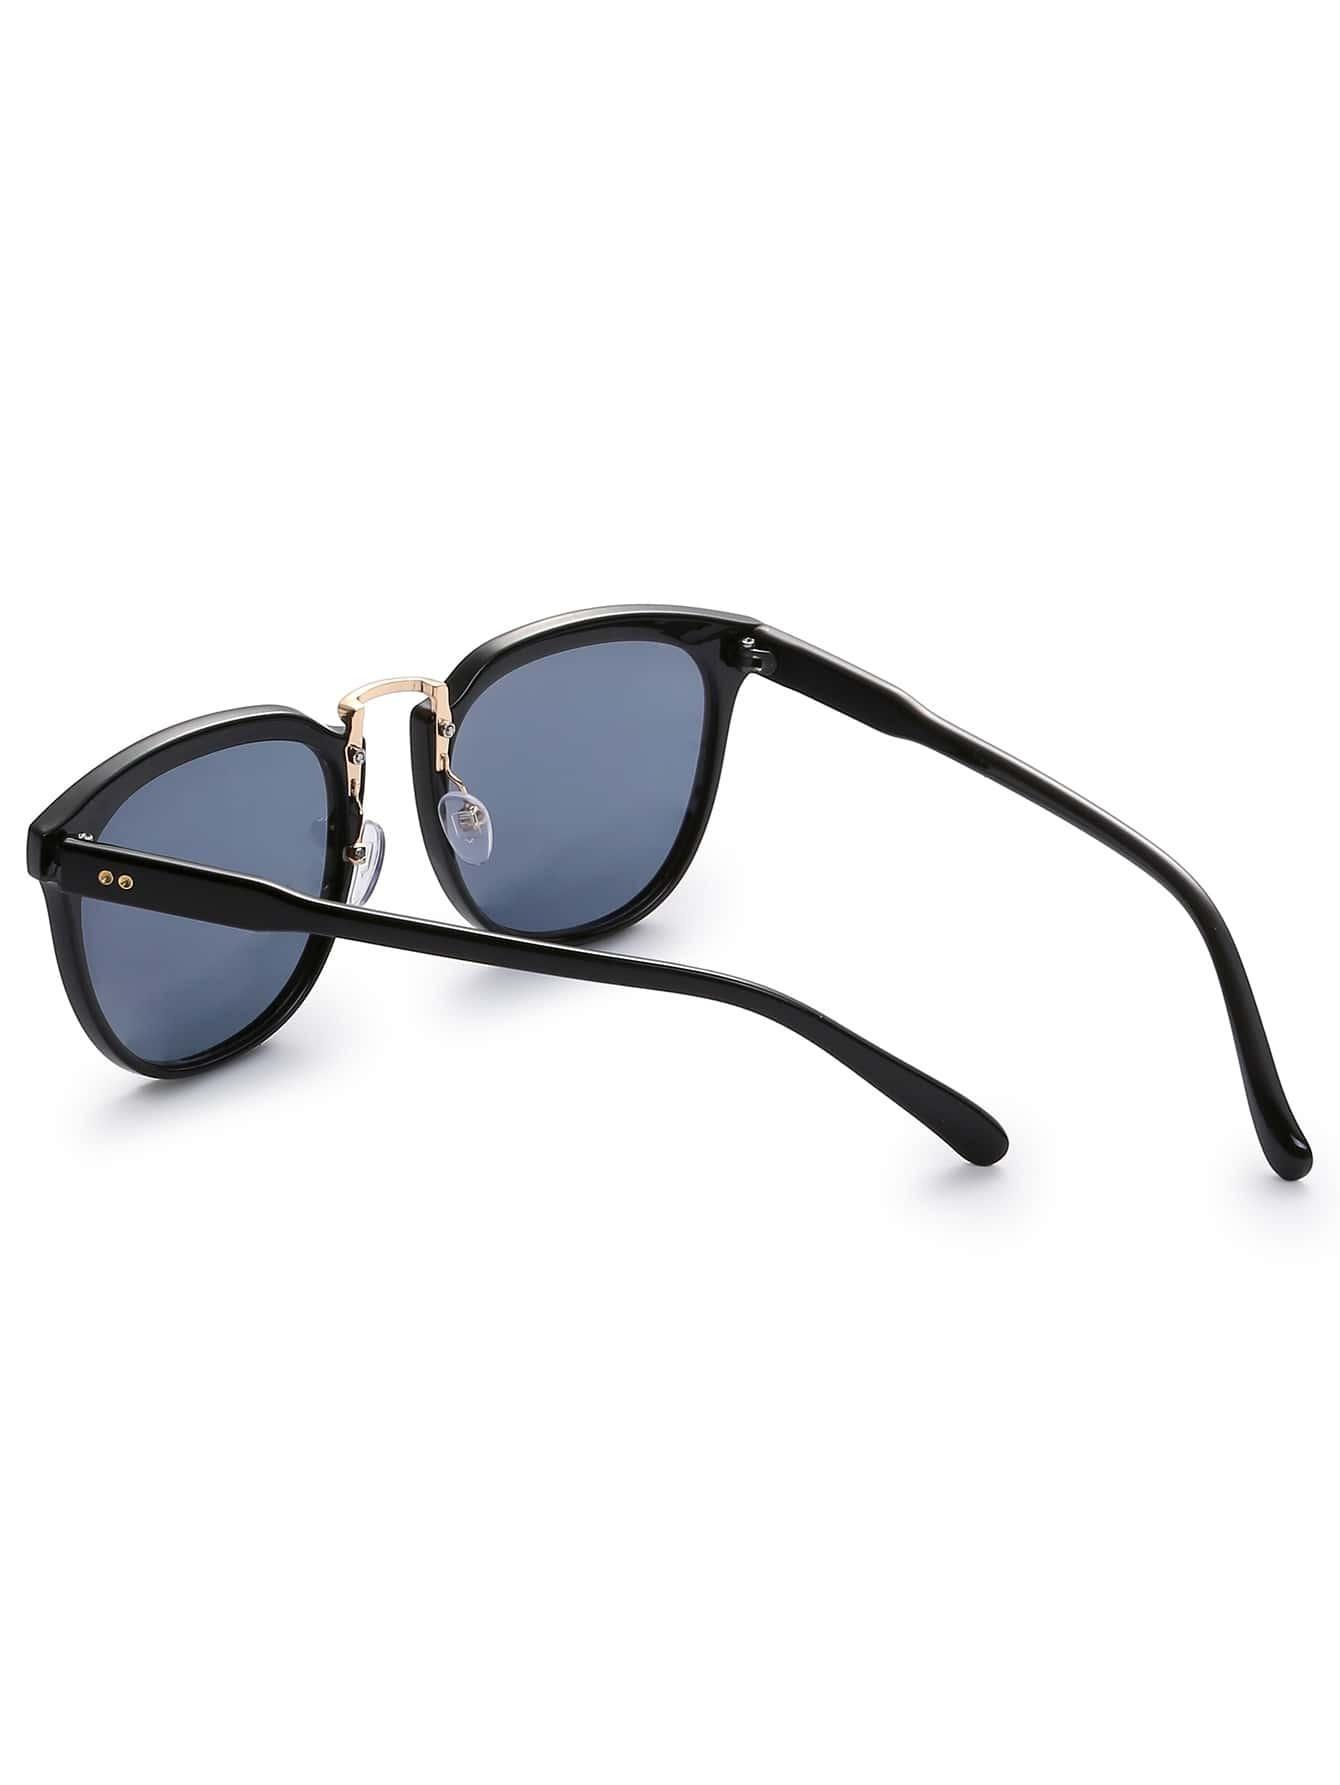 Gold Frame Black Lenses Sunglasses : Black Frame Gold Metal Bridge Grey Lens Sunglasses